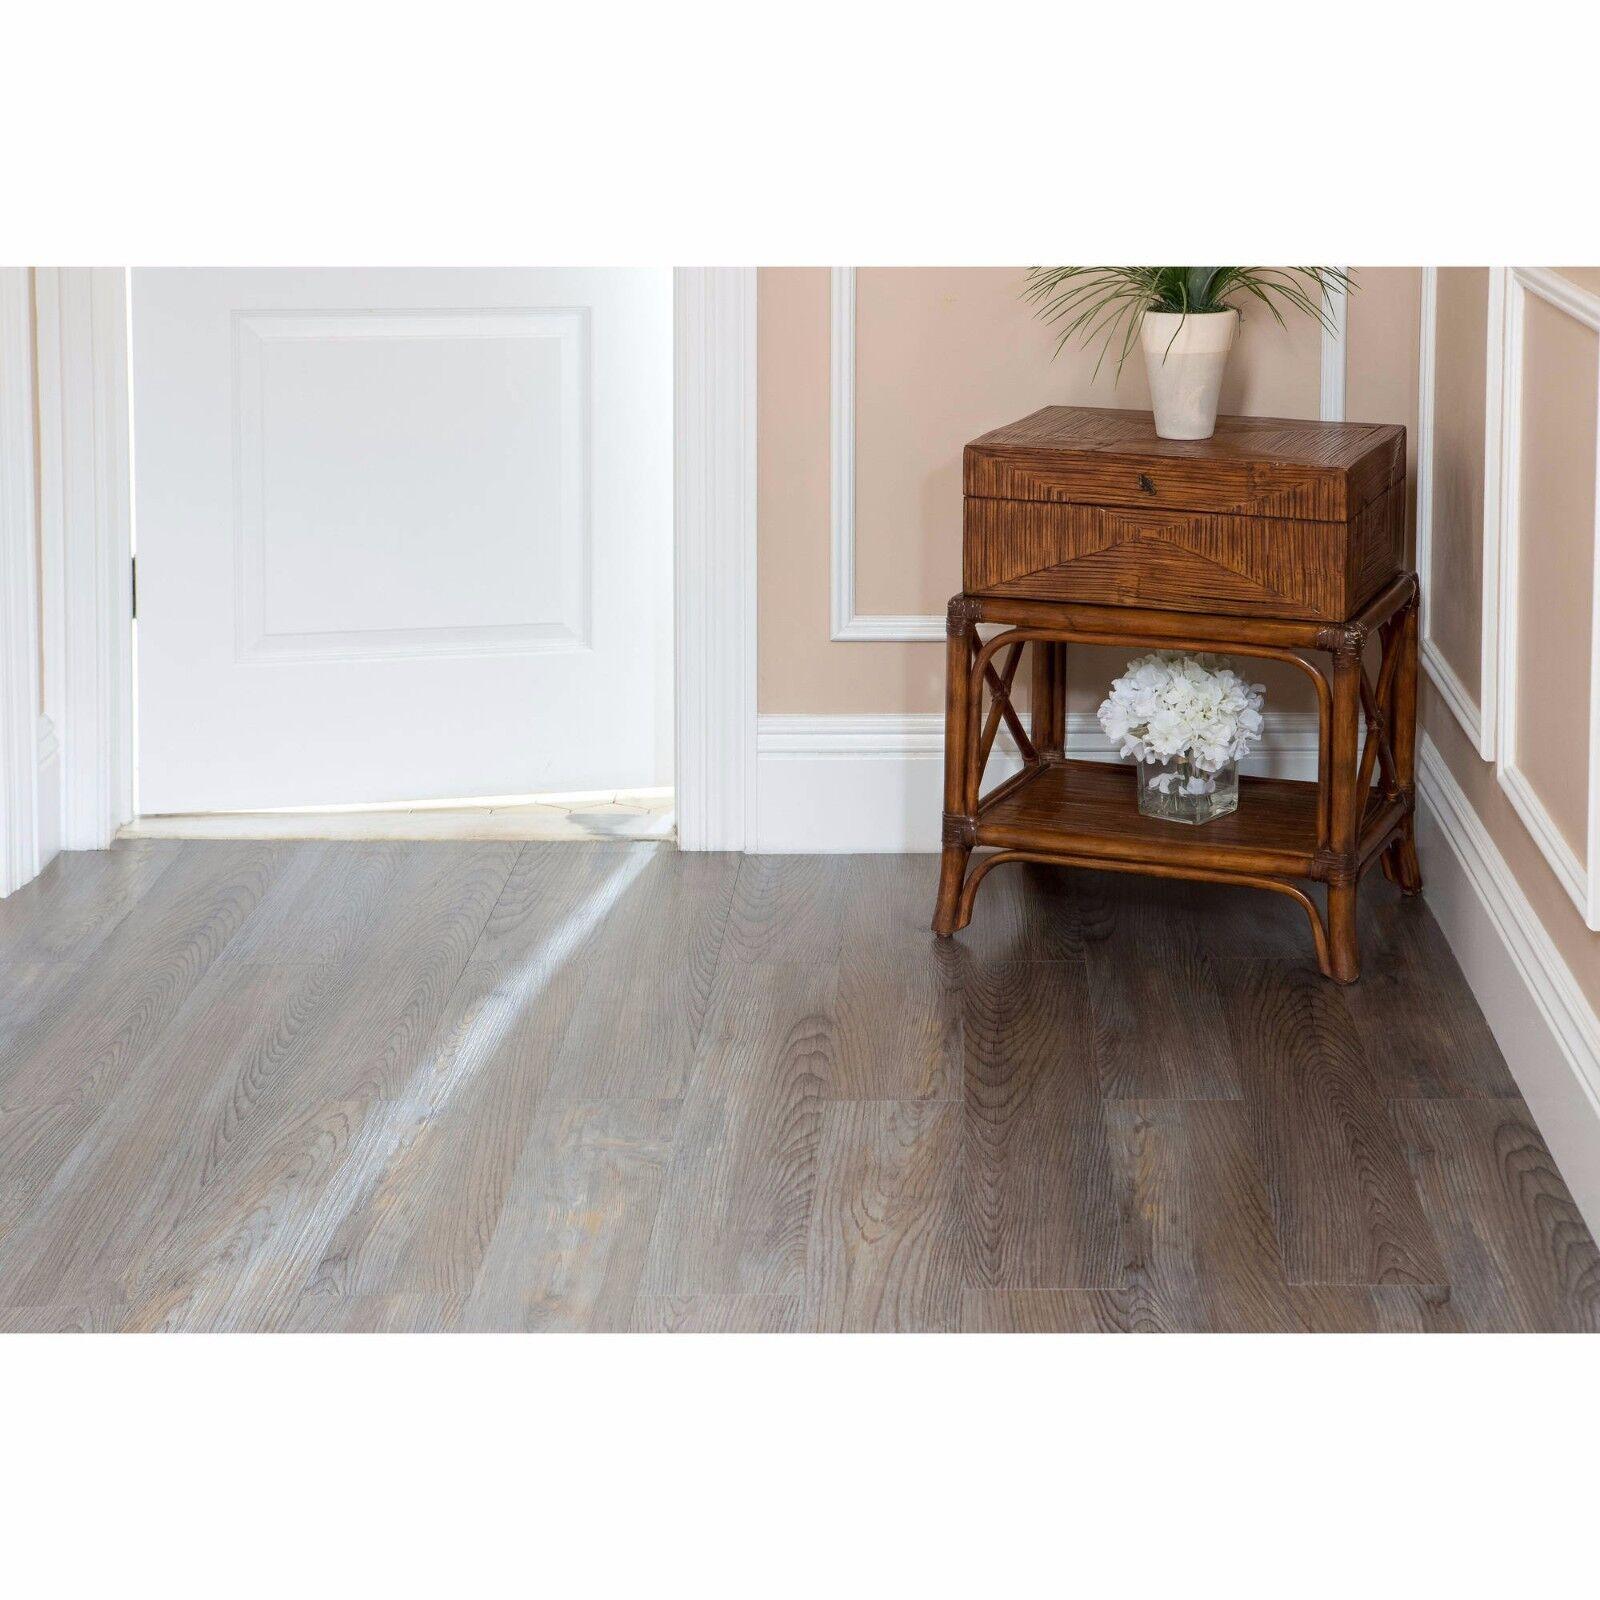 Vinyl Floor Planks 10 Pack Sticky Flooring Luxury Like Real Wood